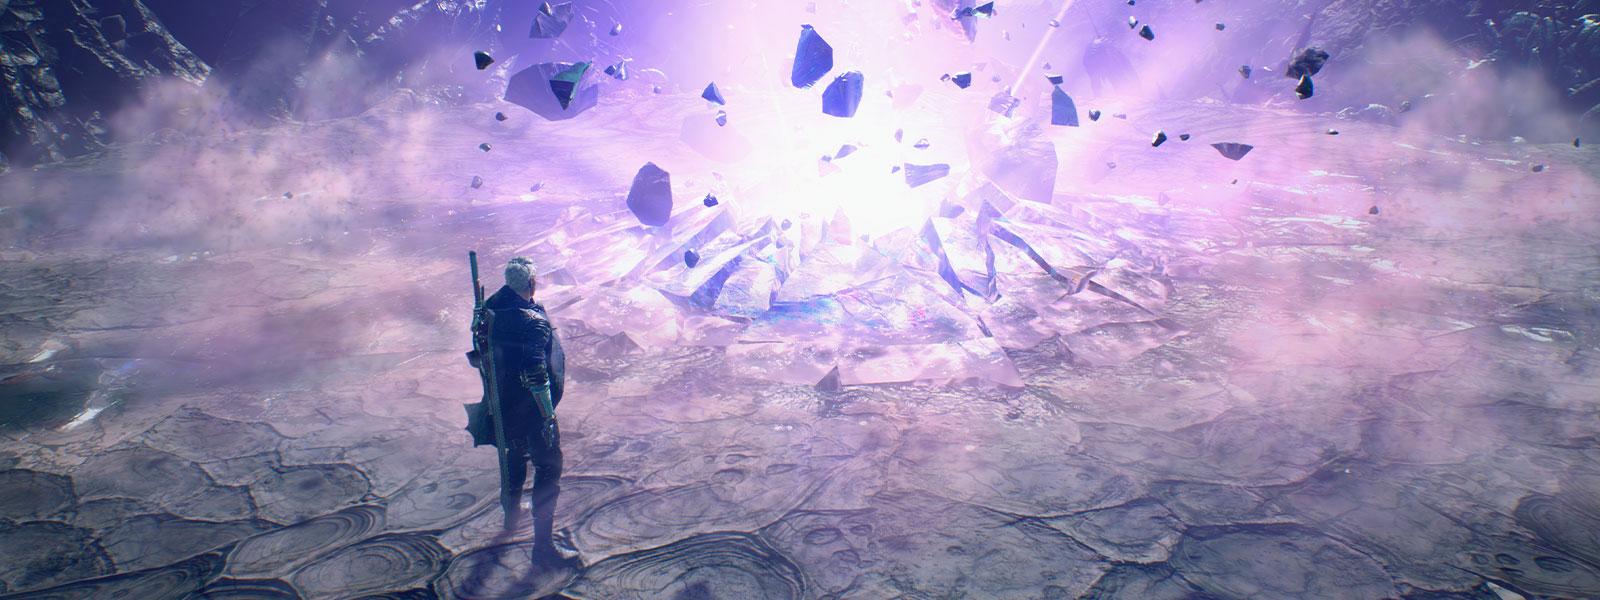 Nero se tient à côté d'une grosse explosion créant un cratère